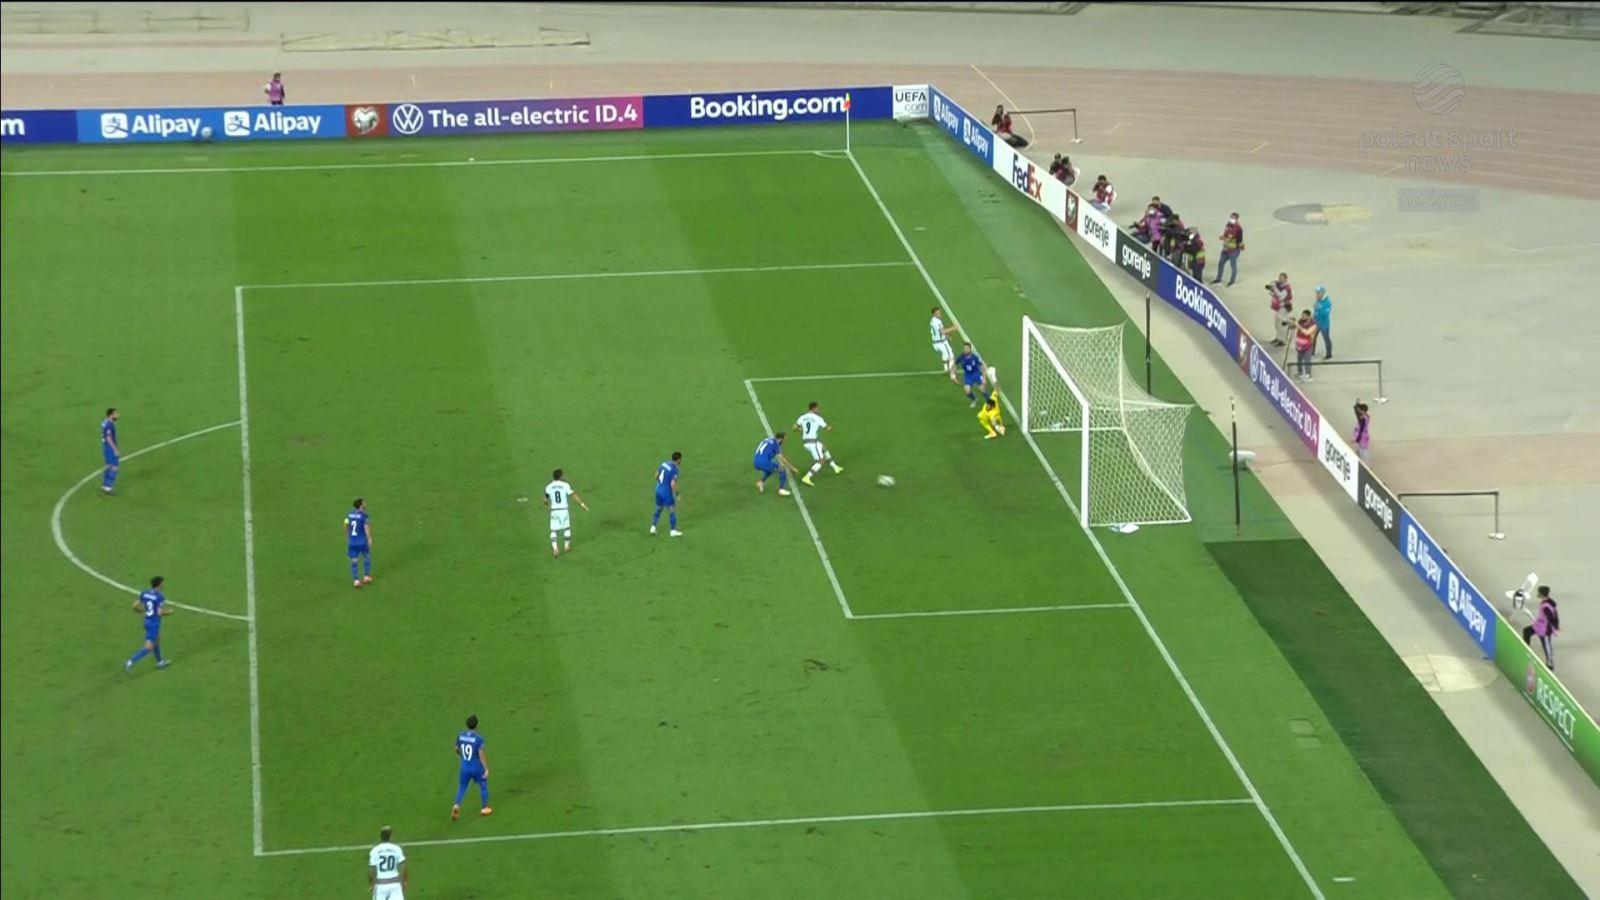 Kết quả bóng đá, Azerbaijan 0–3 Bồ Đào Nha, kết quả vòng loại world cup 2022, ket qua bong da hom nay, bảng xếp hạng bóng đá vòng loại World Cup 2022, kqbd